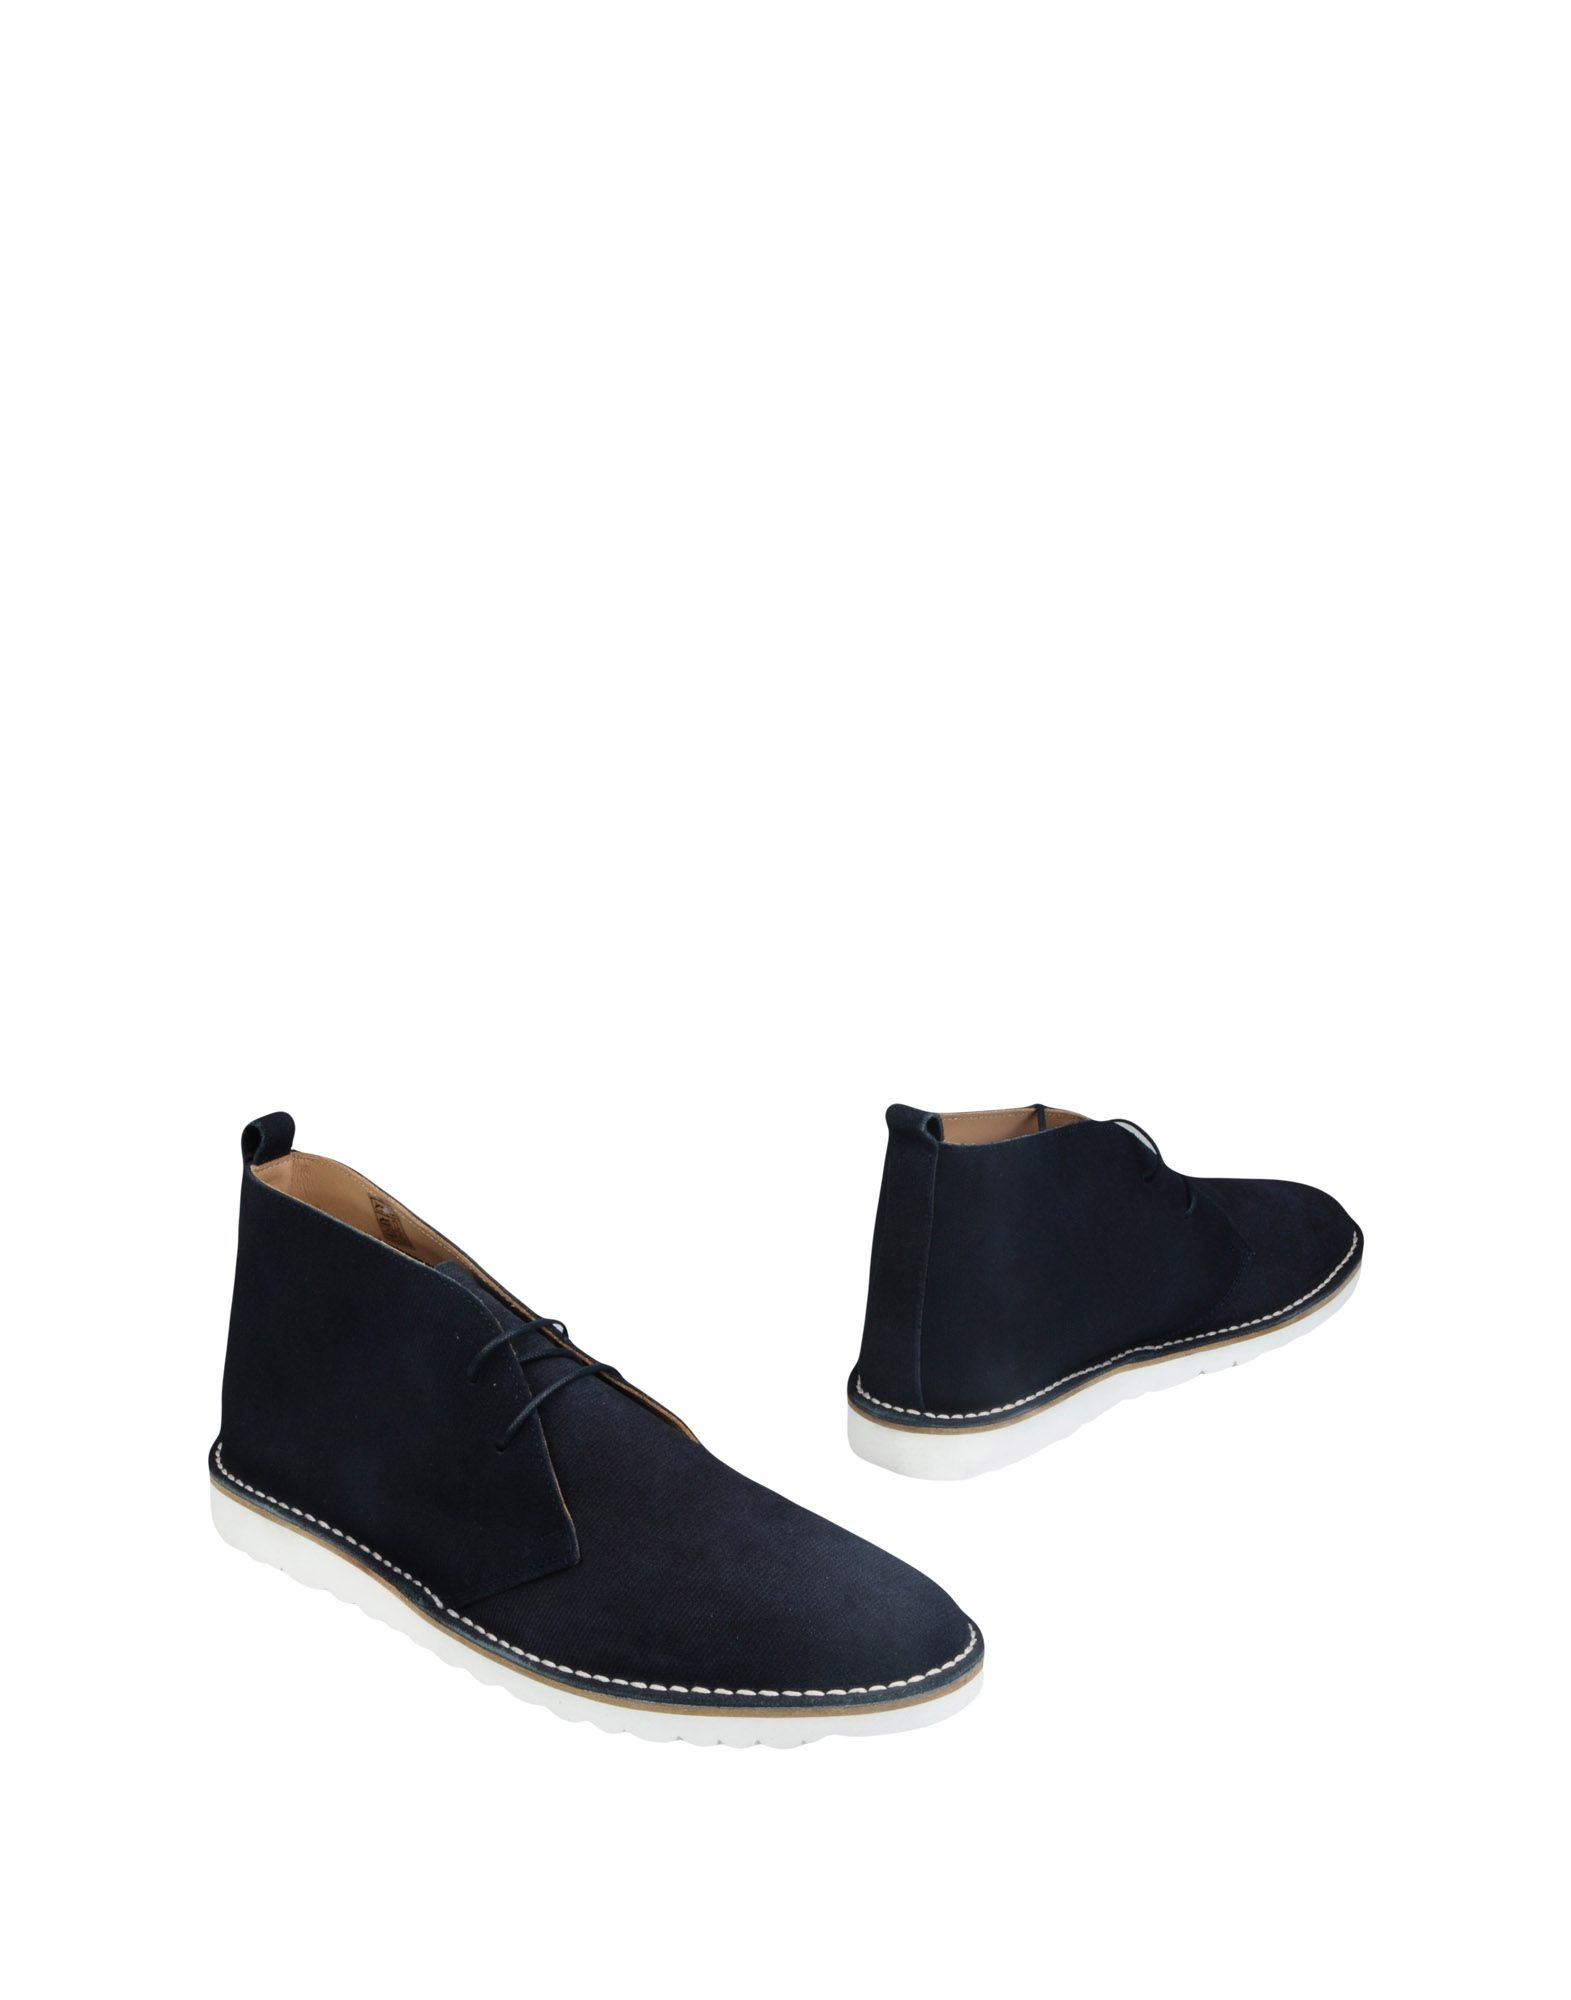 Emporio Armani Boots - Men Emporio Armani Boots online - on  United Kingdom - online 11204258AX 2aee30